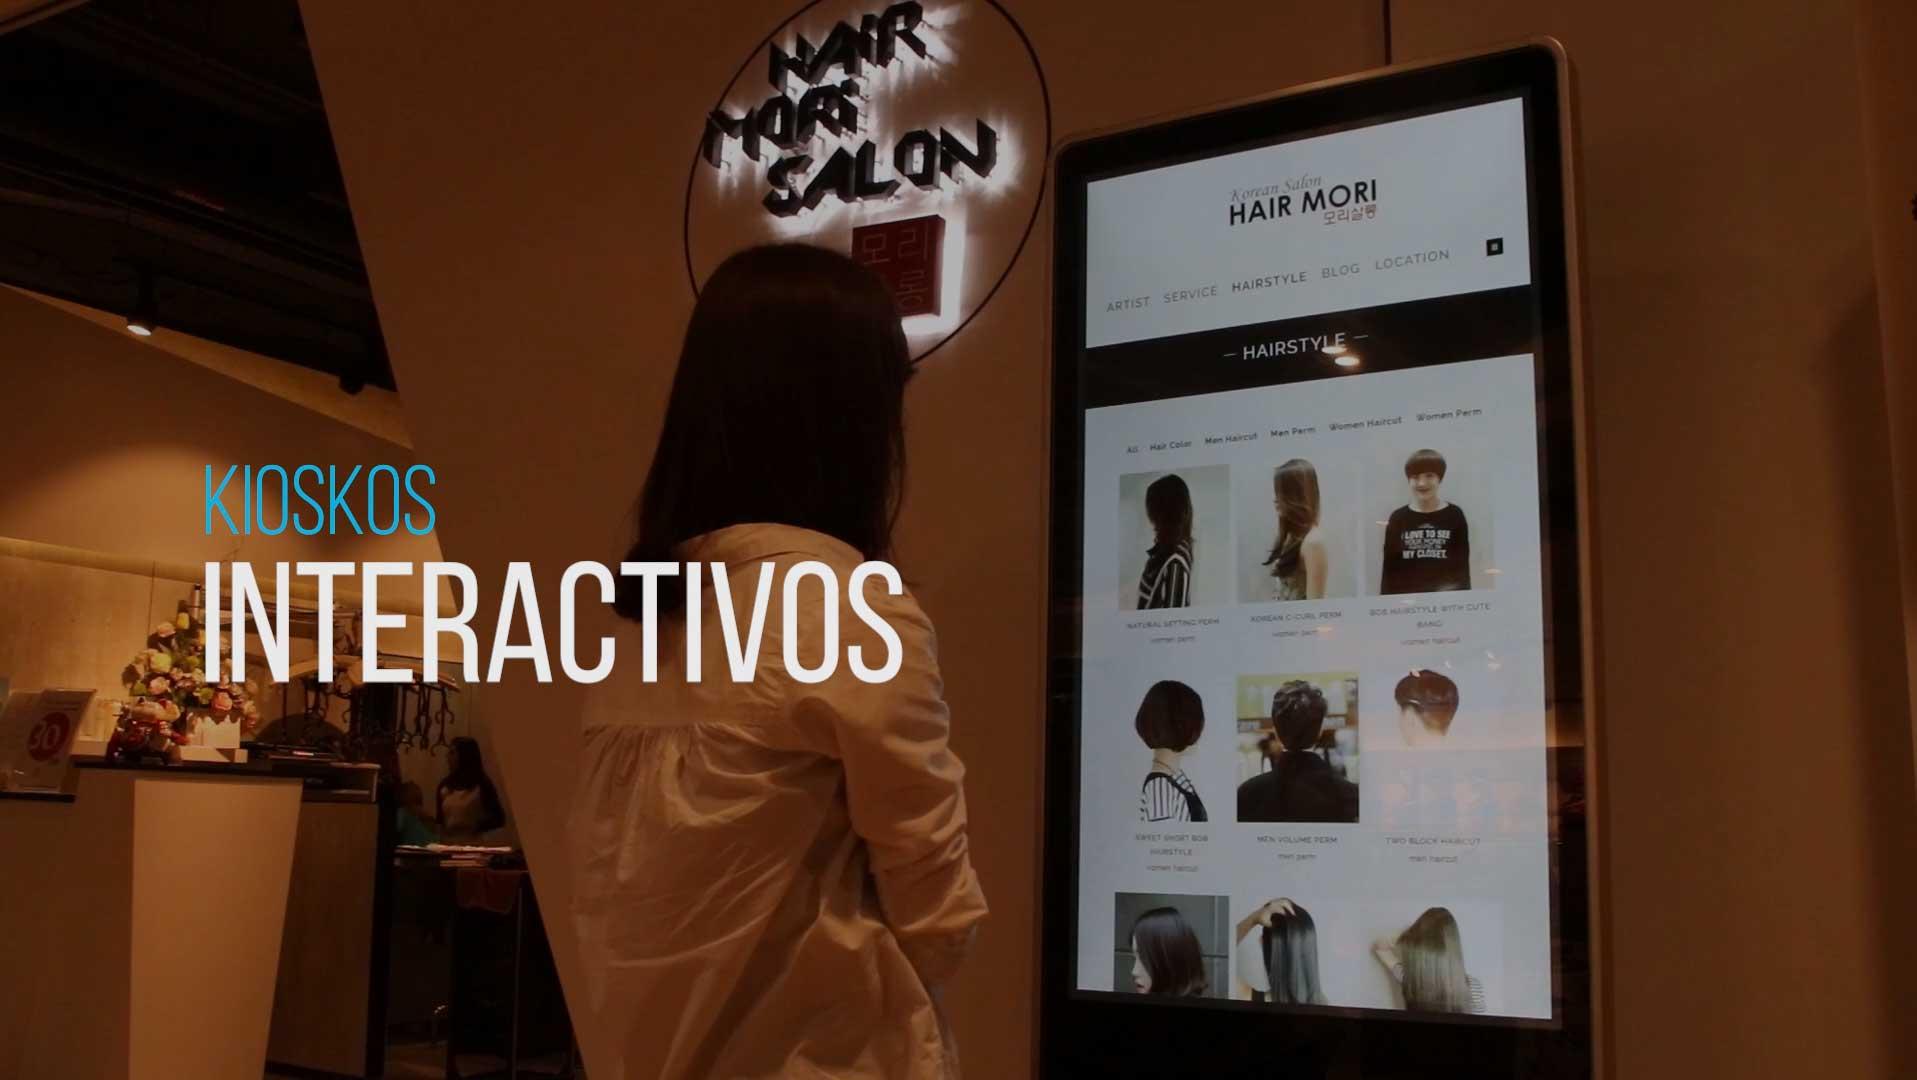 kioskos-interactivos